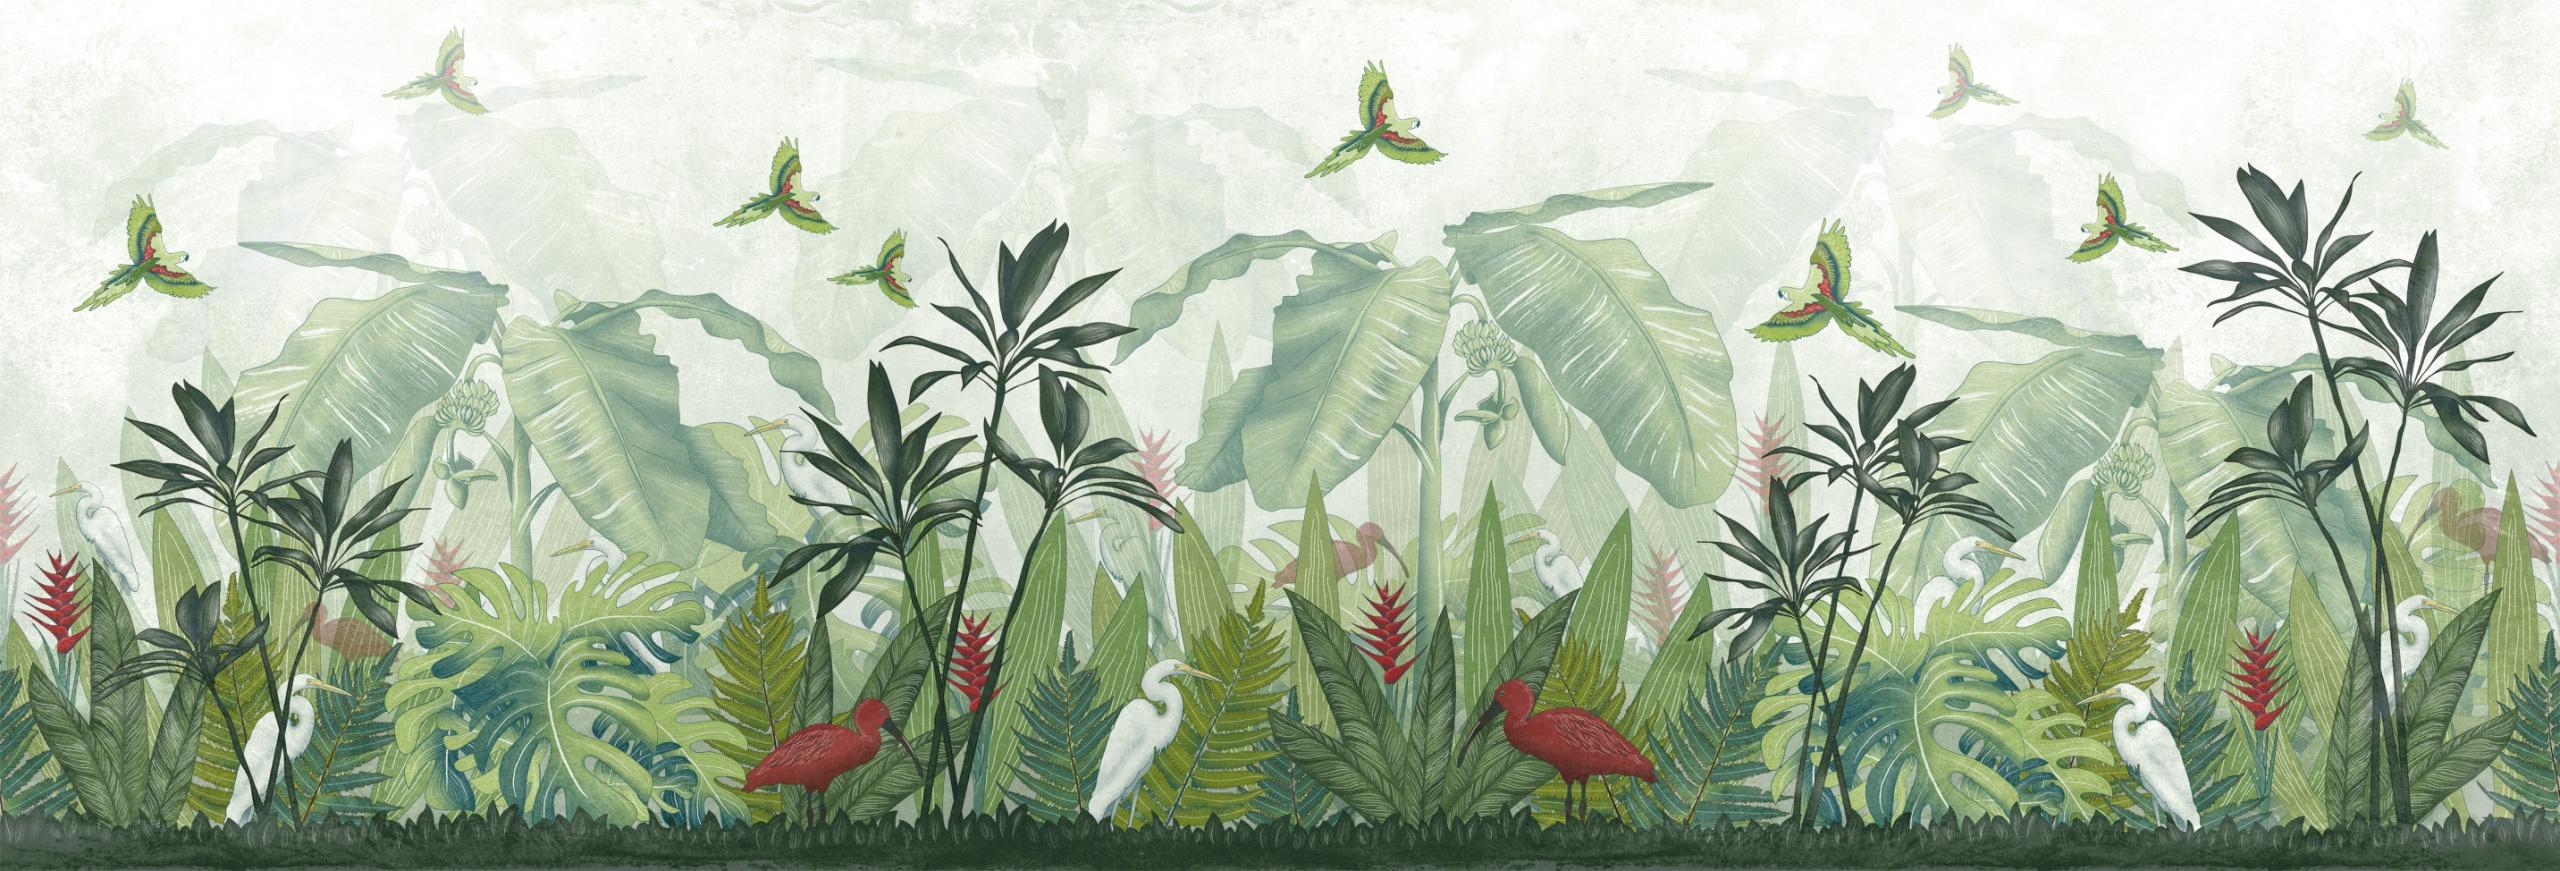 carta da parati per bambini tropicale verde